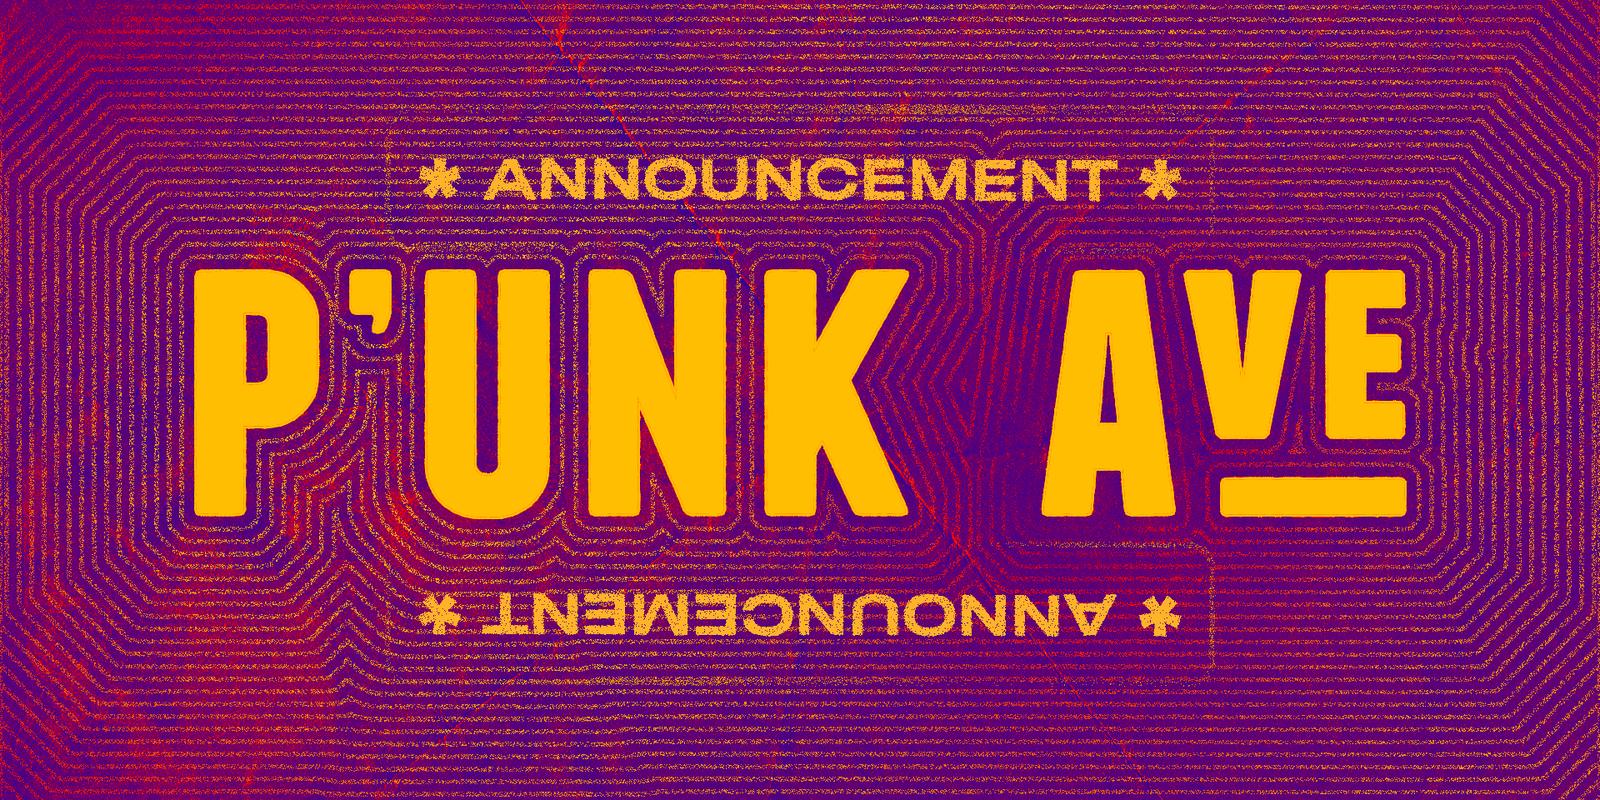 punk ave announcement - magenta-saffron